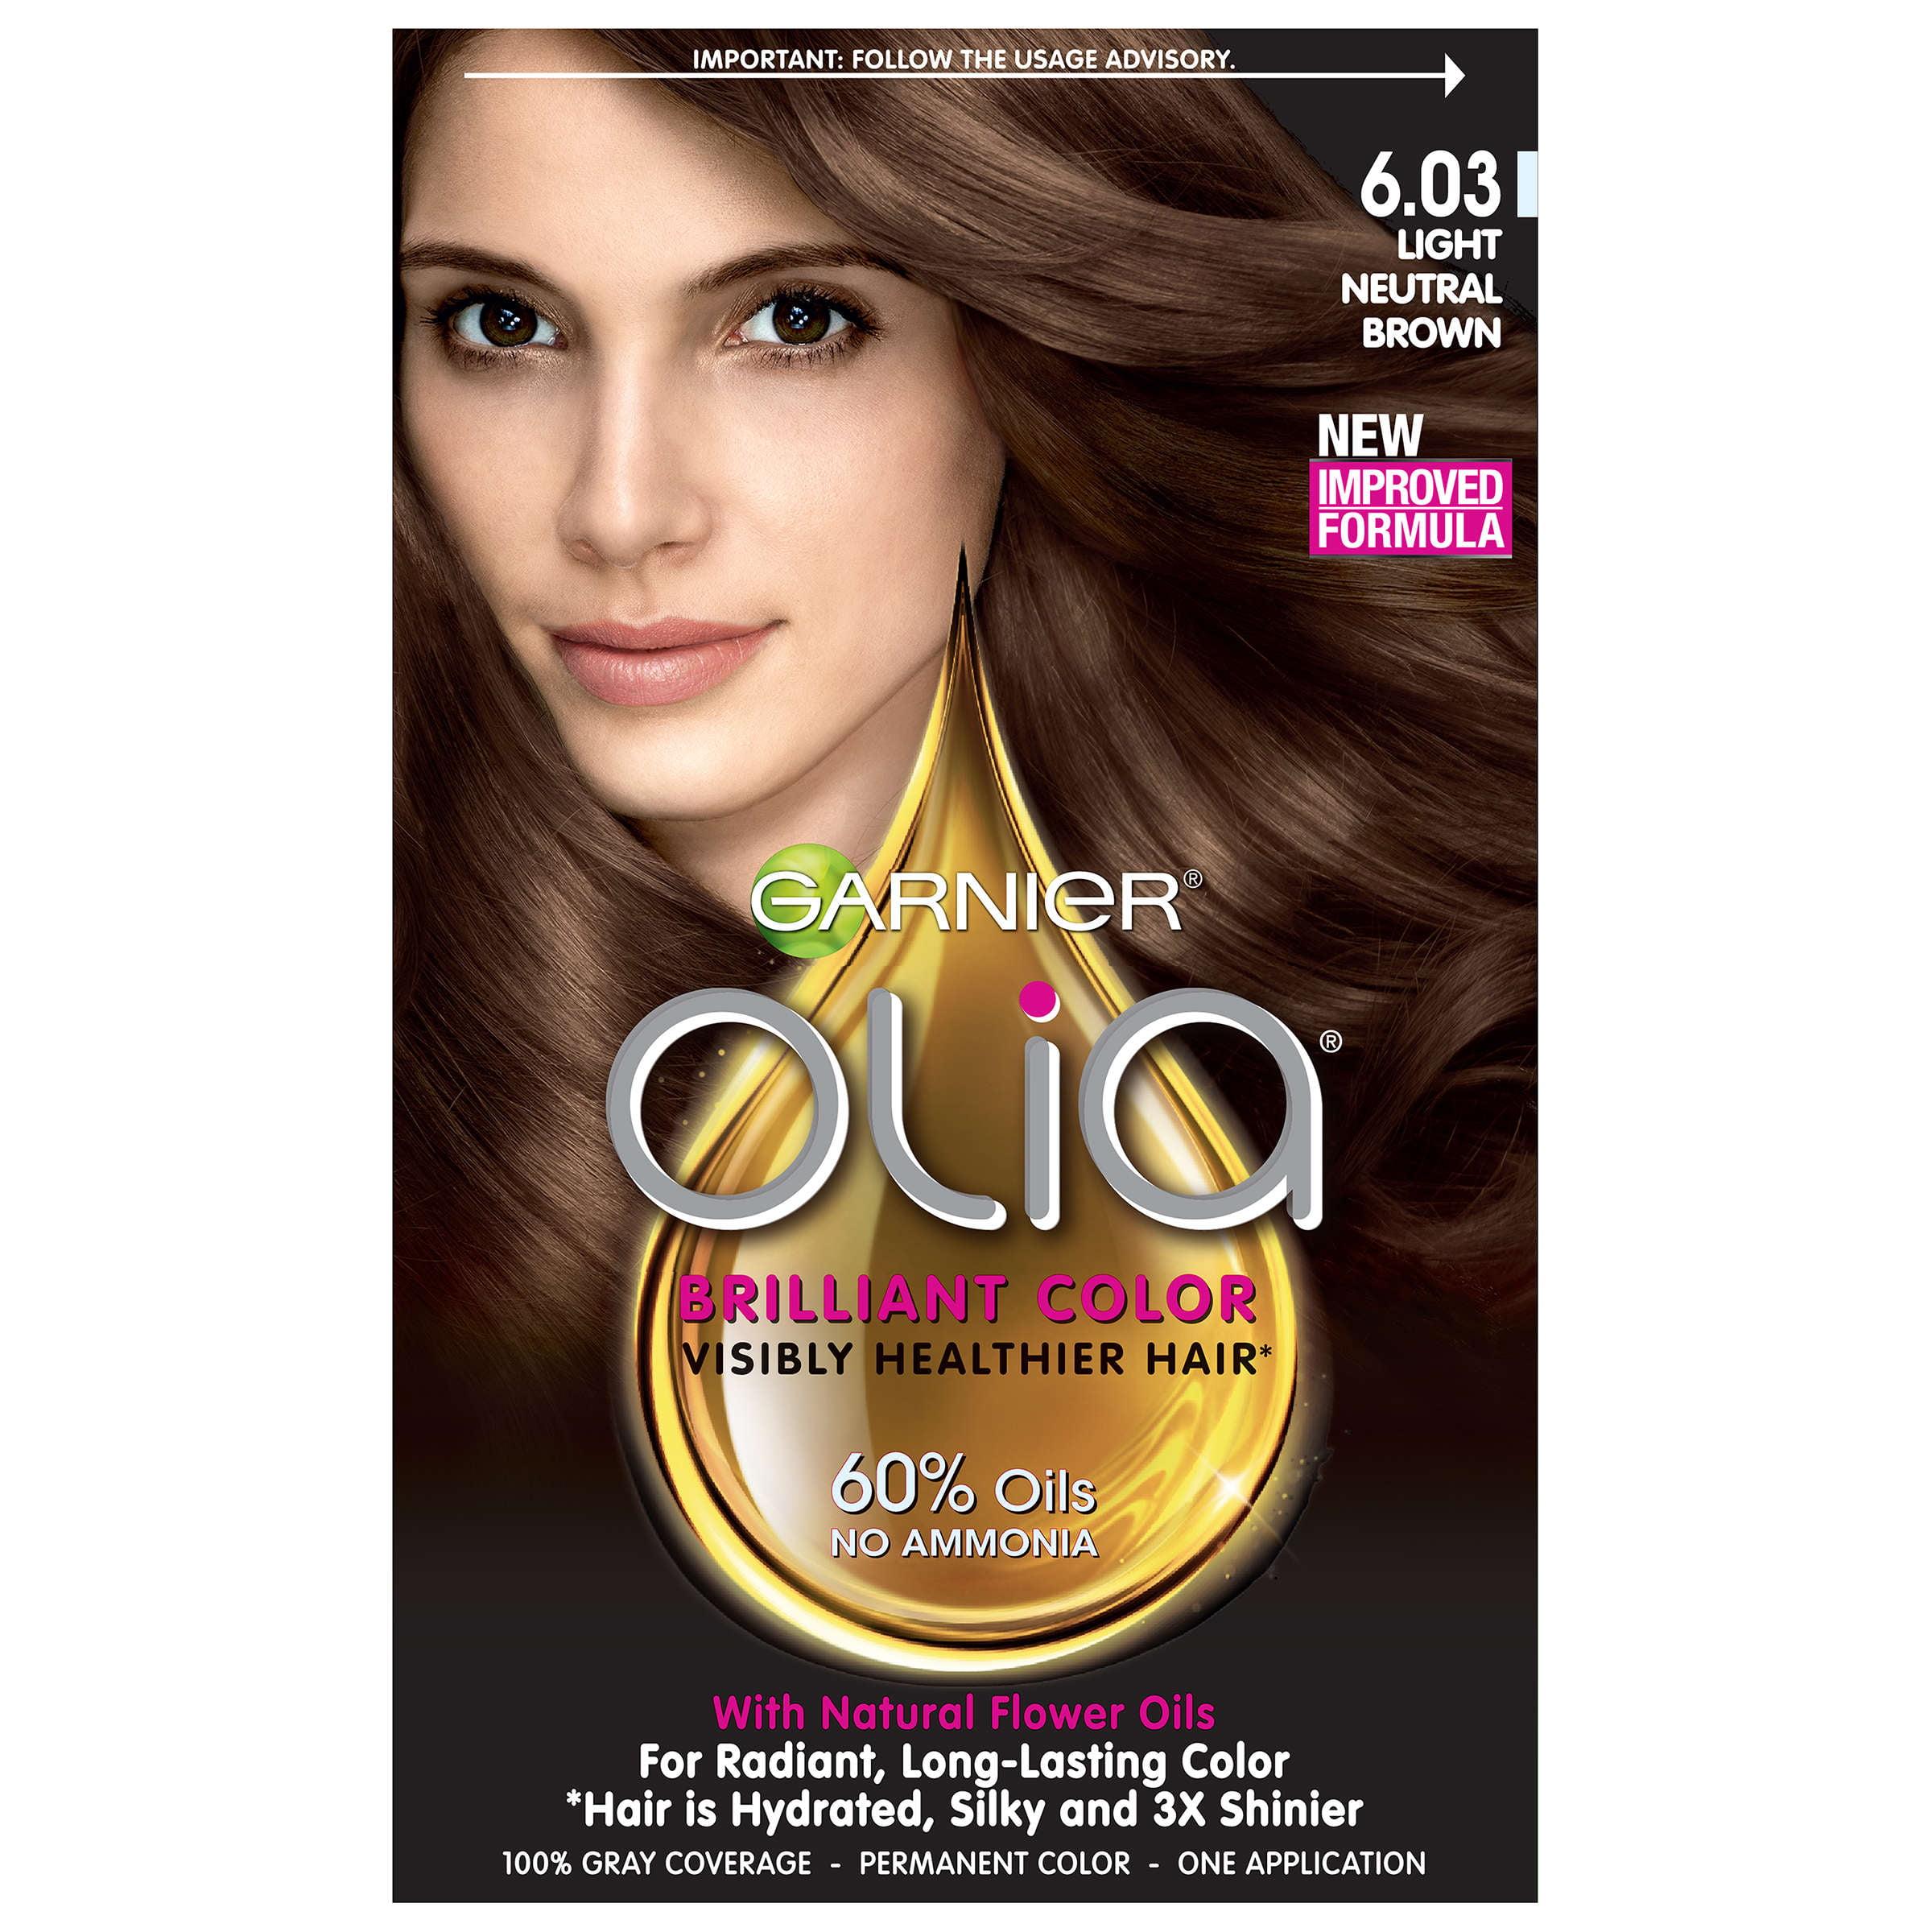 Garnier Olia Oil Powered Permanent Hair Color 6 03 Light